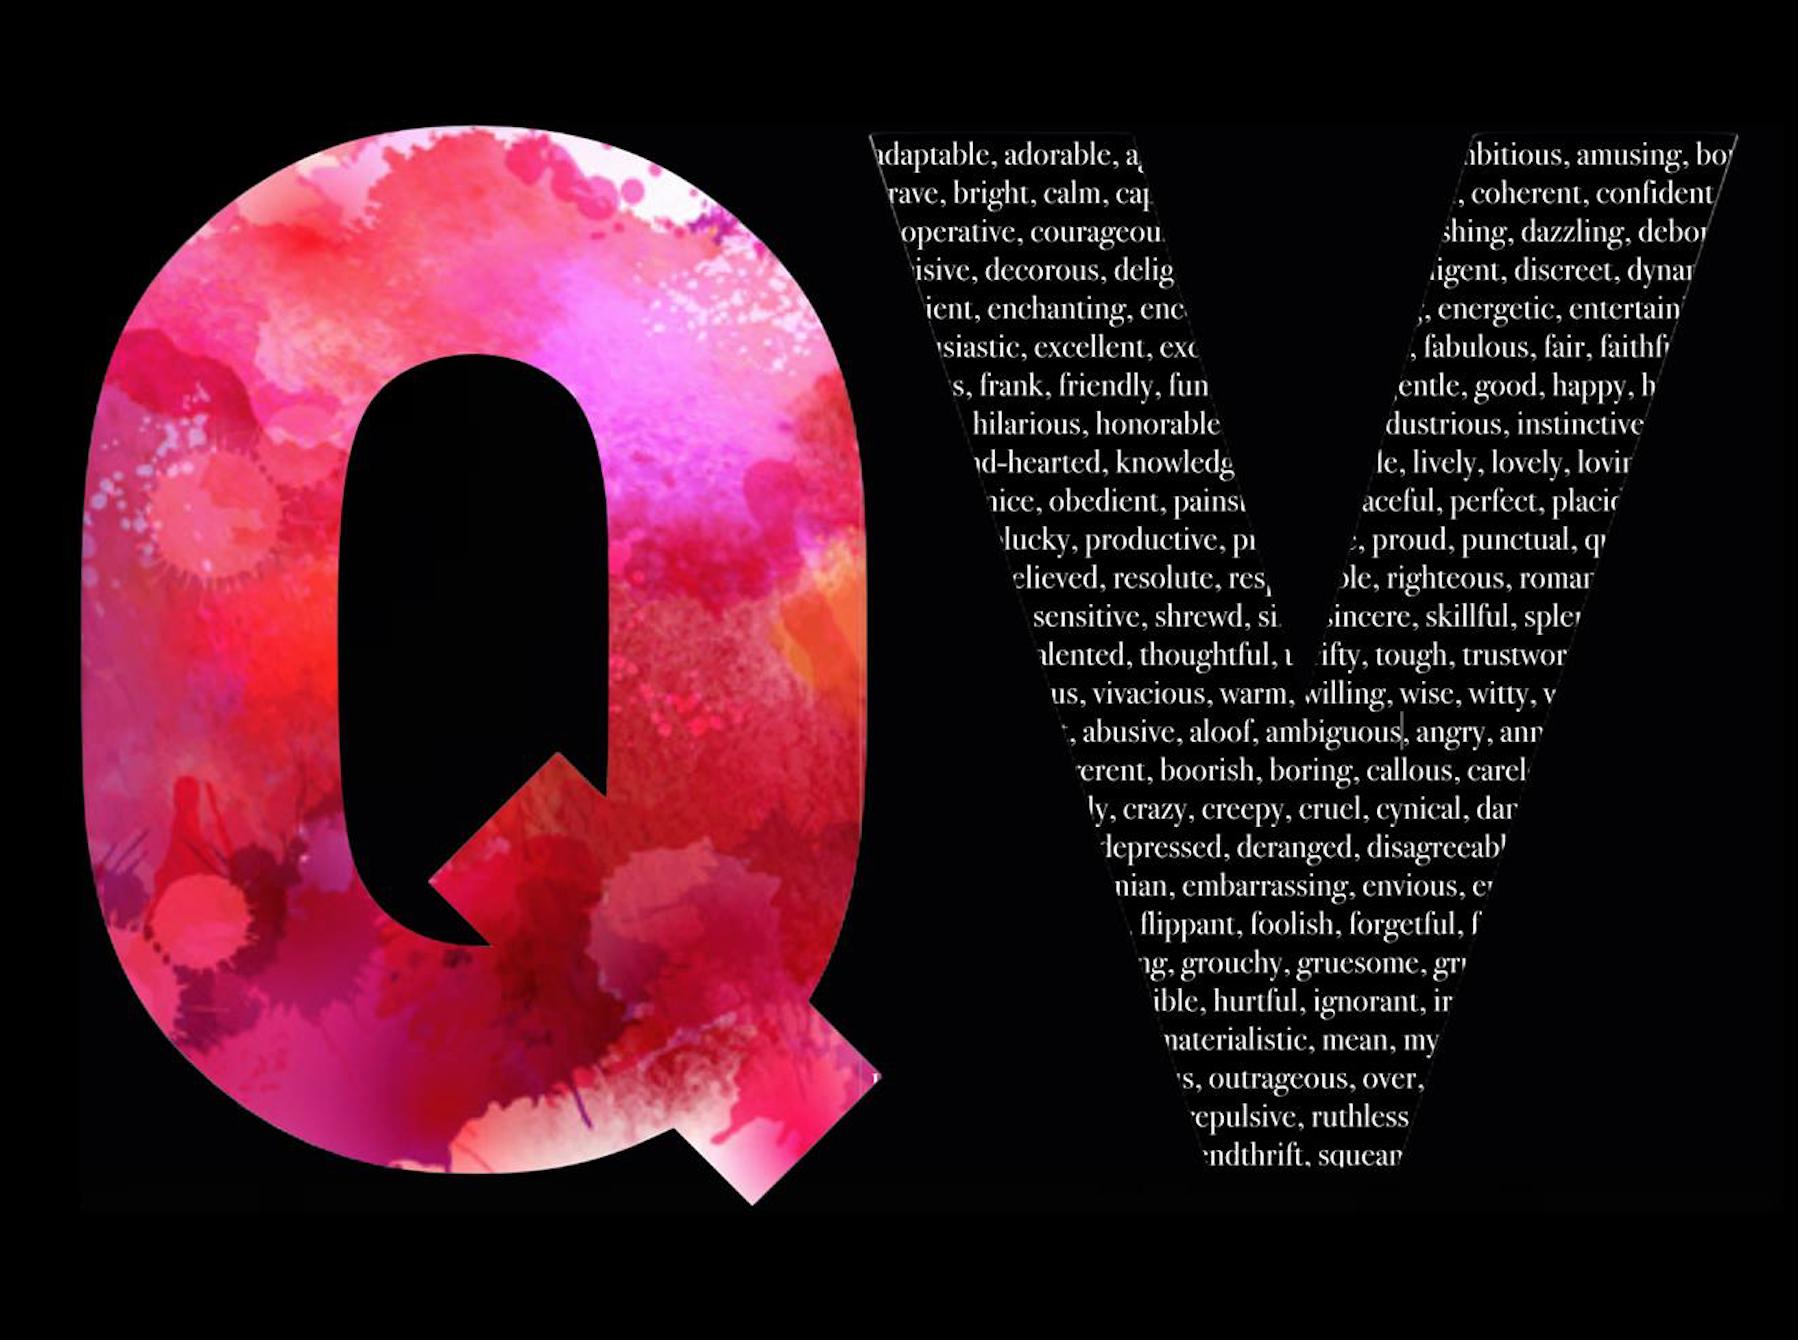 QUO VADIS (QV)